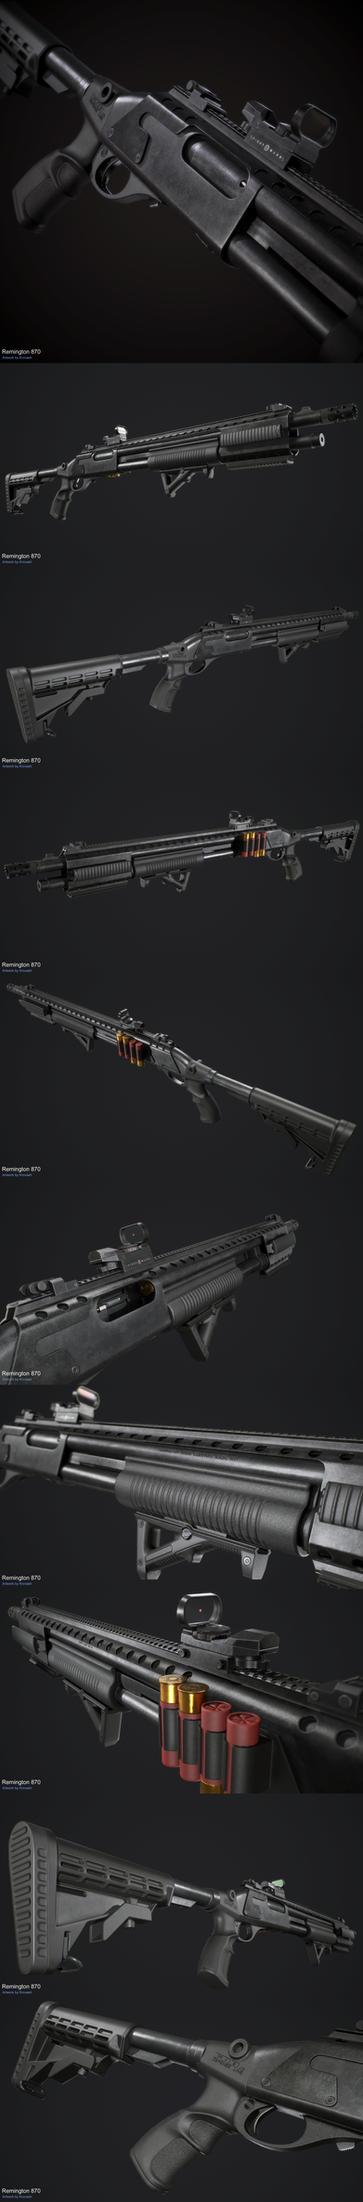 Remington 870 by Krovash